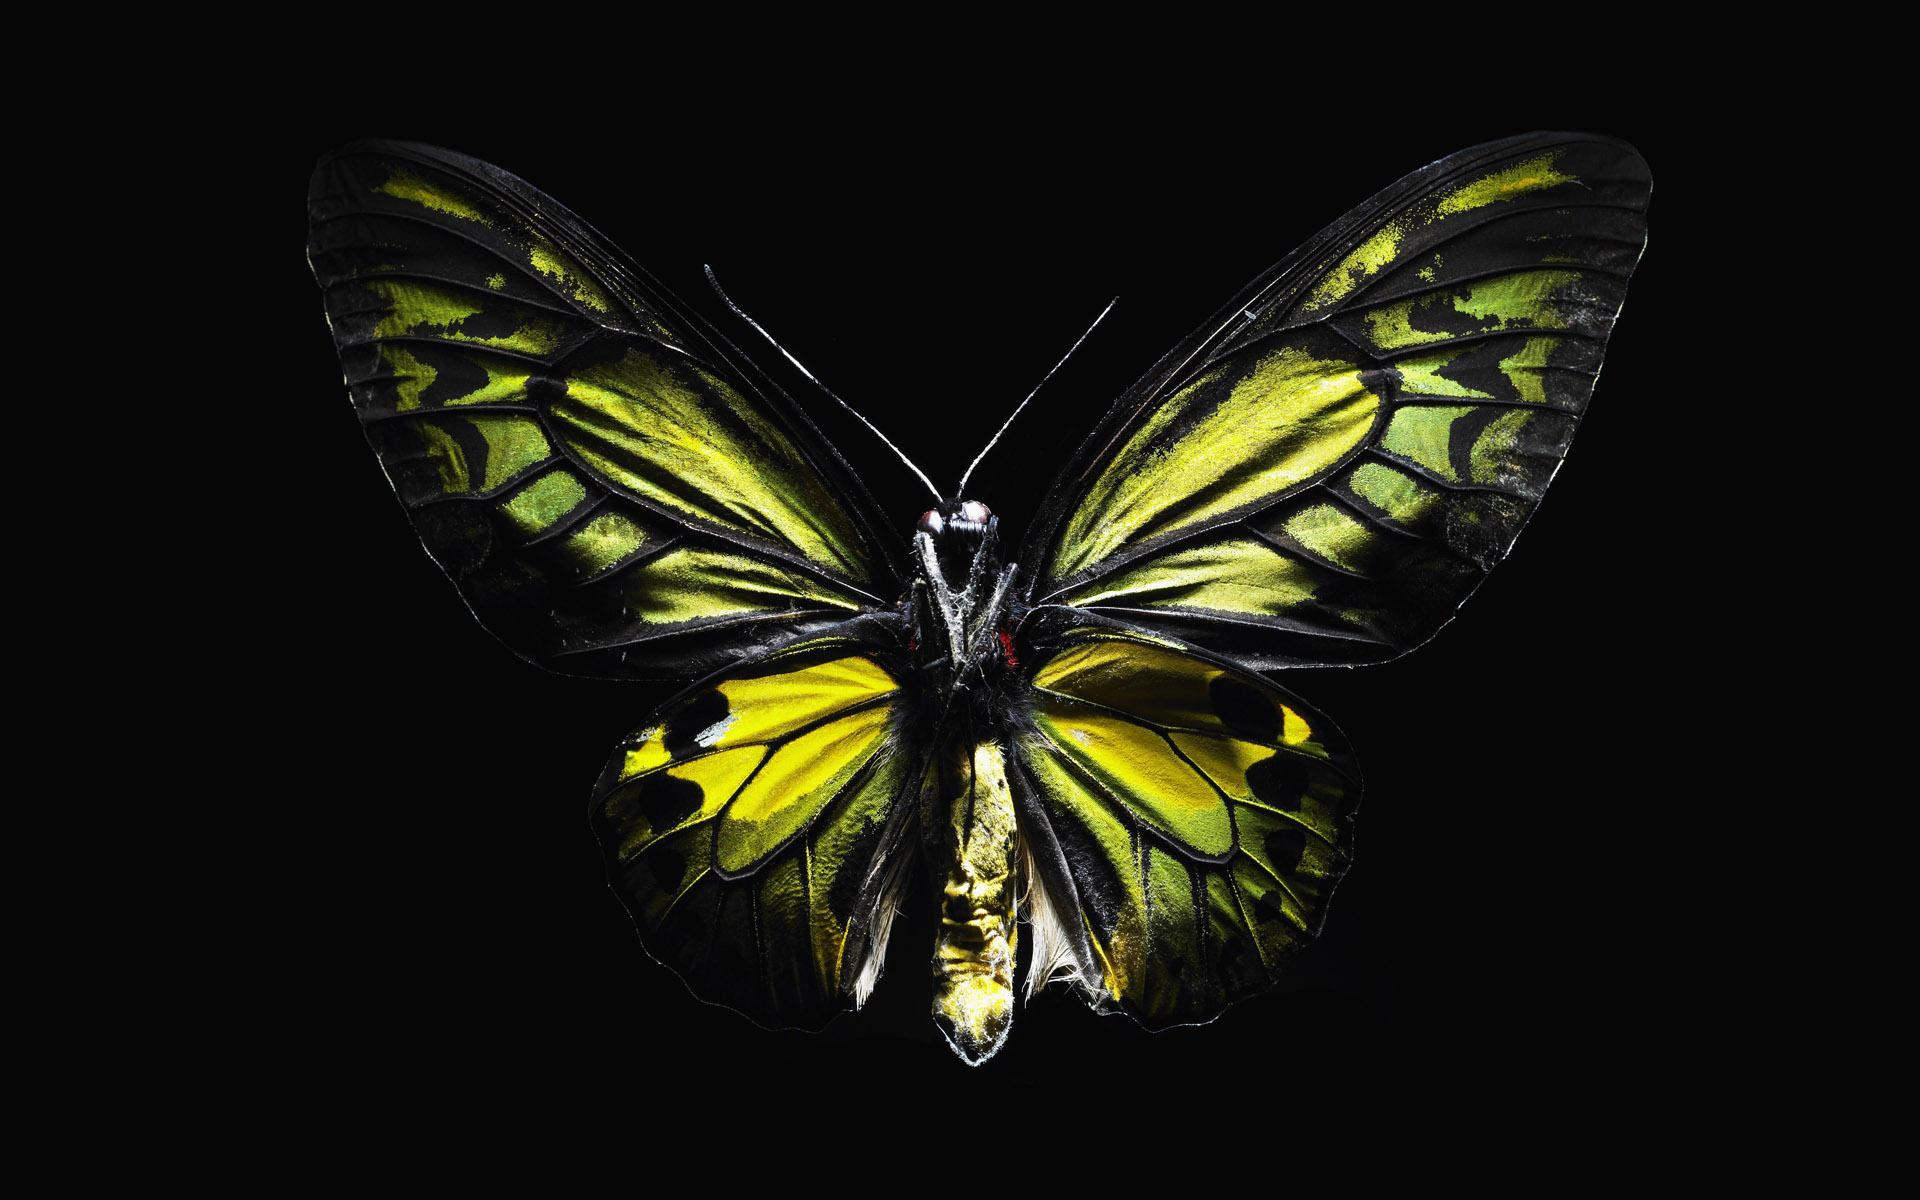 gree butterfly, зеленая бабочка на черном фоне, скачать обои для рабочего стола